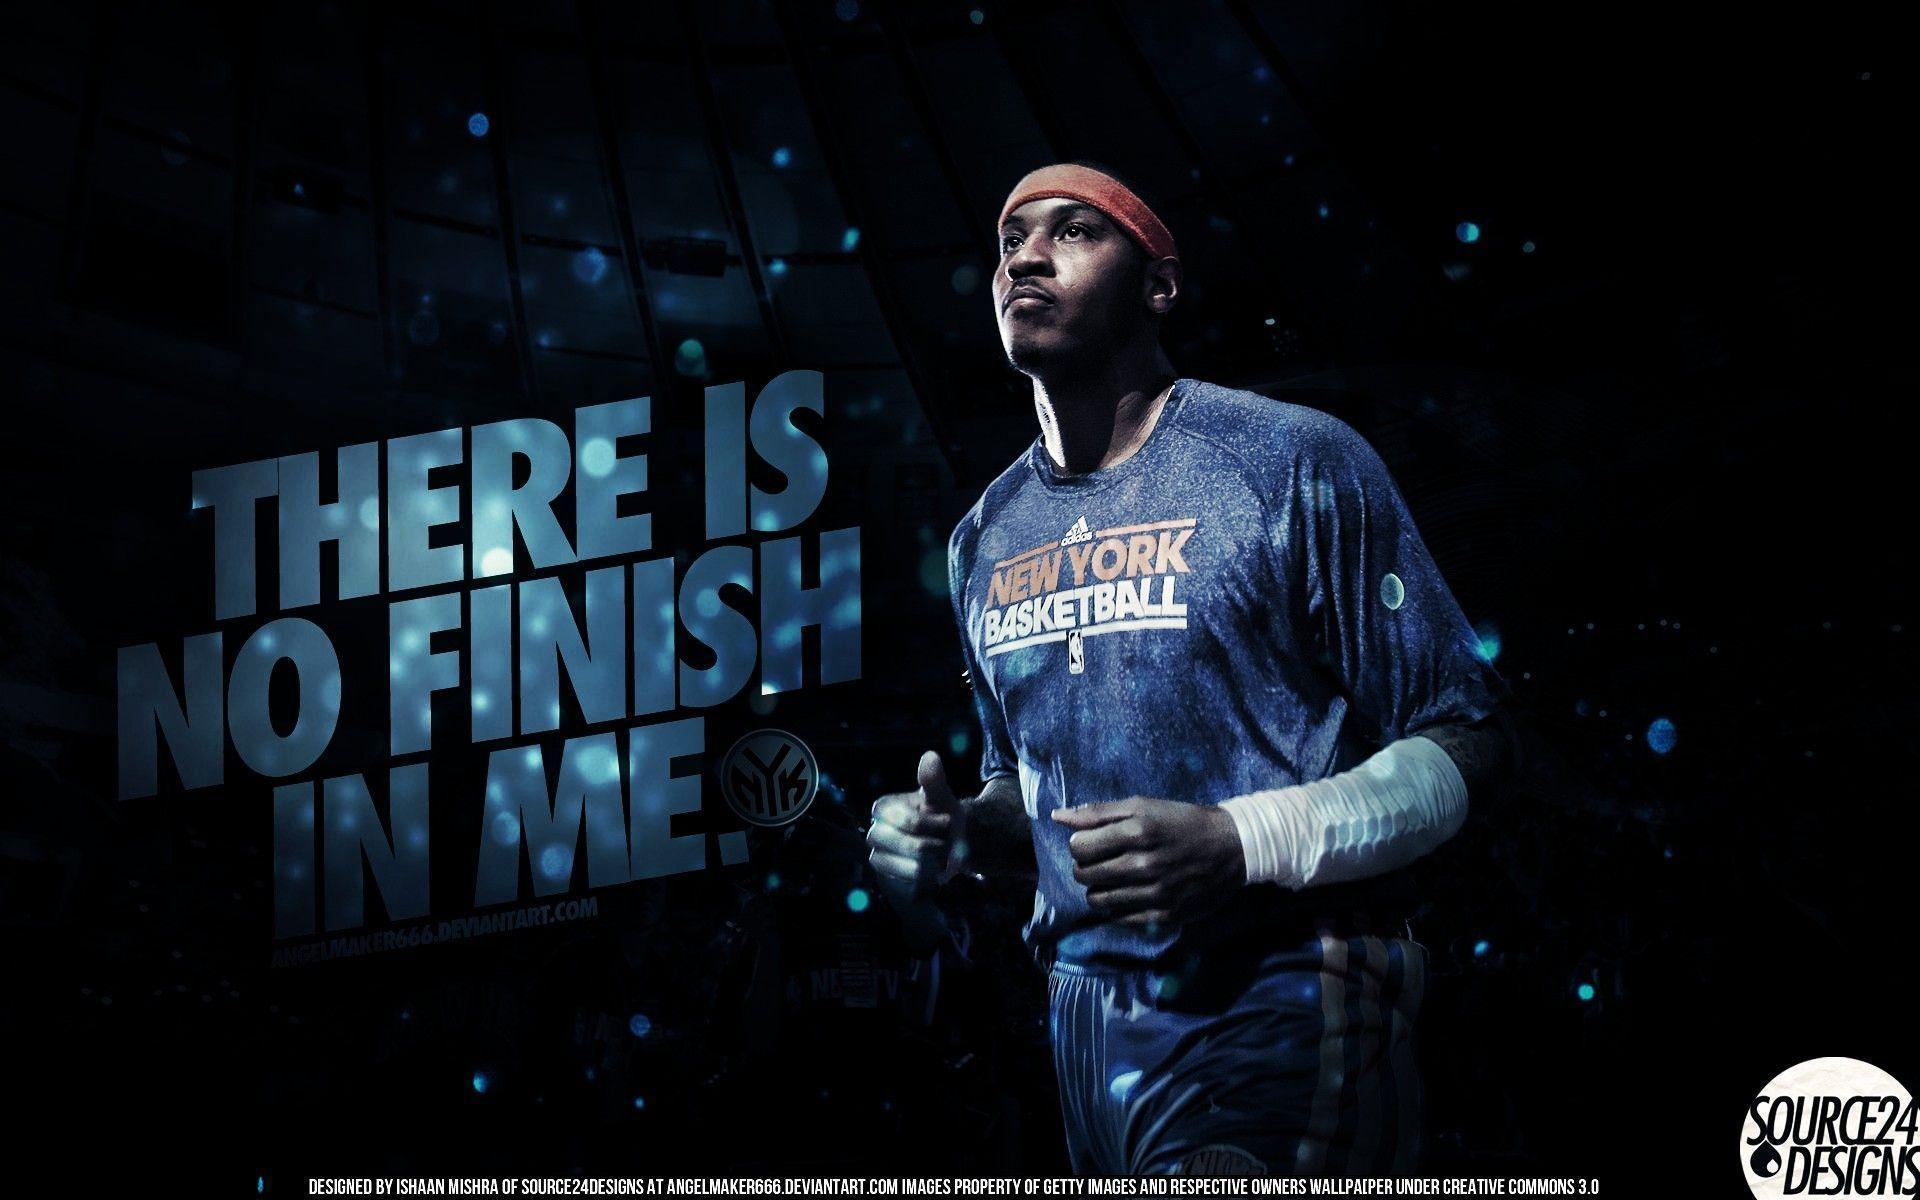 nike basketball wallpapers 2016 - photo #2